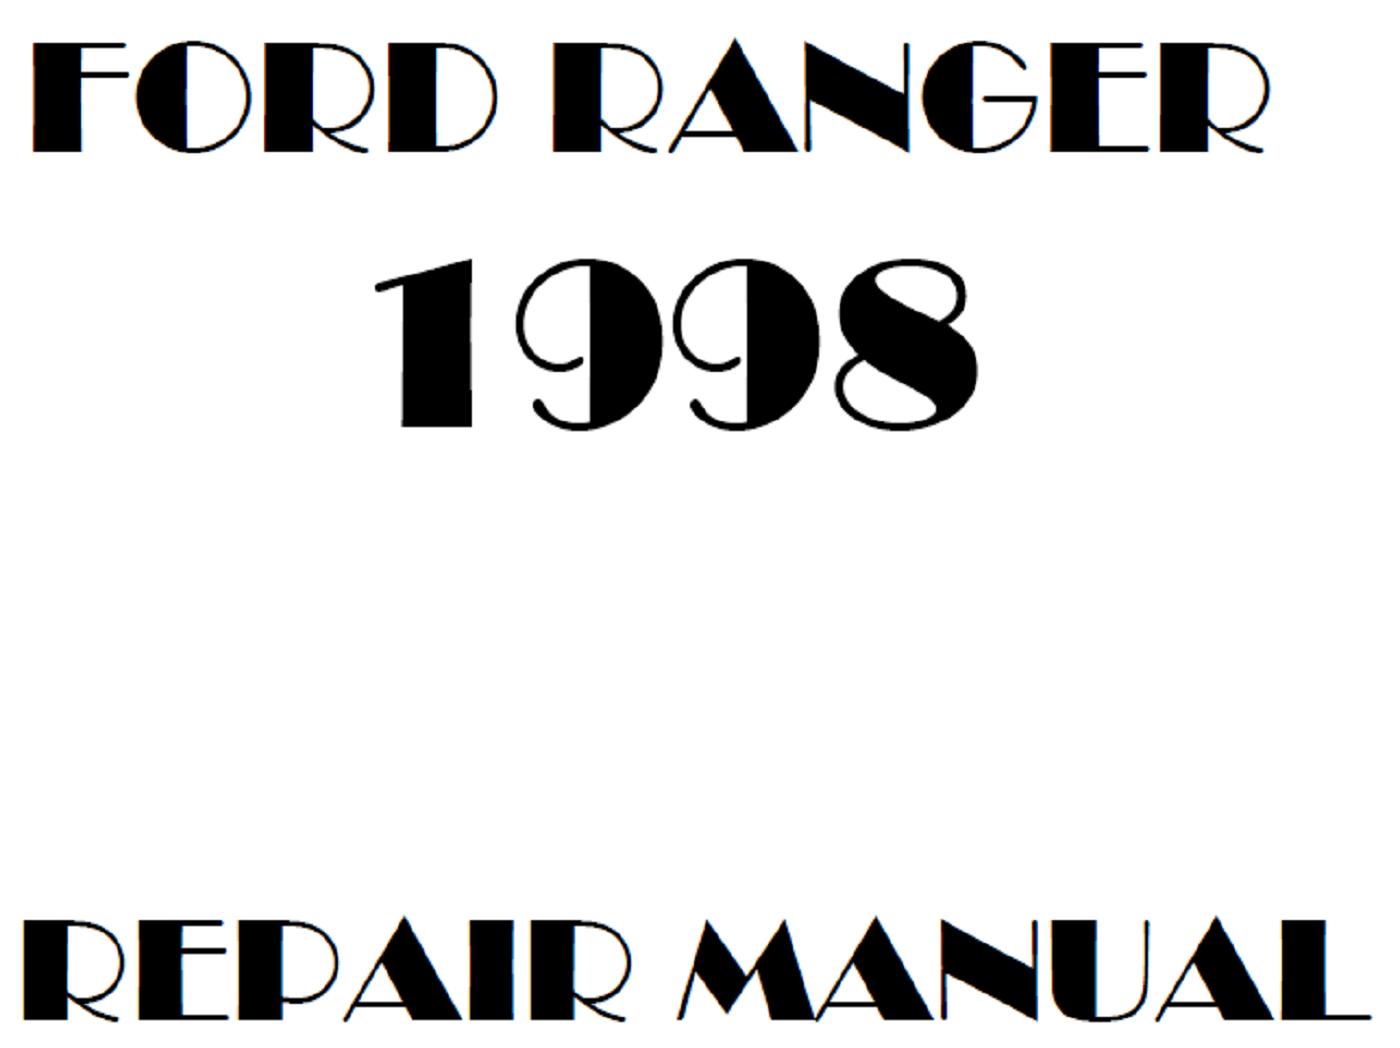 1998 Ford Ranger repair manual